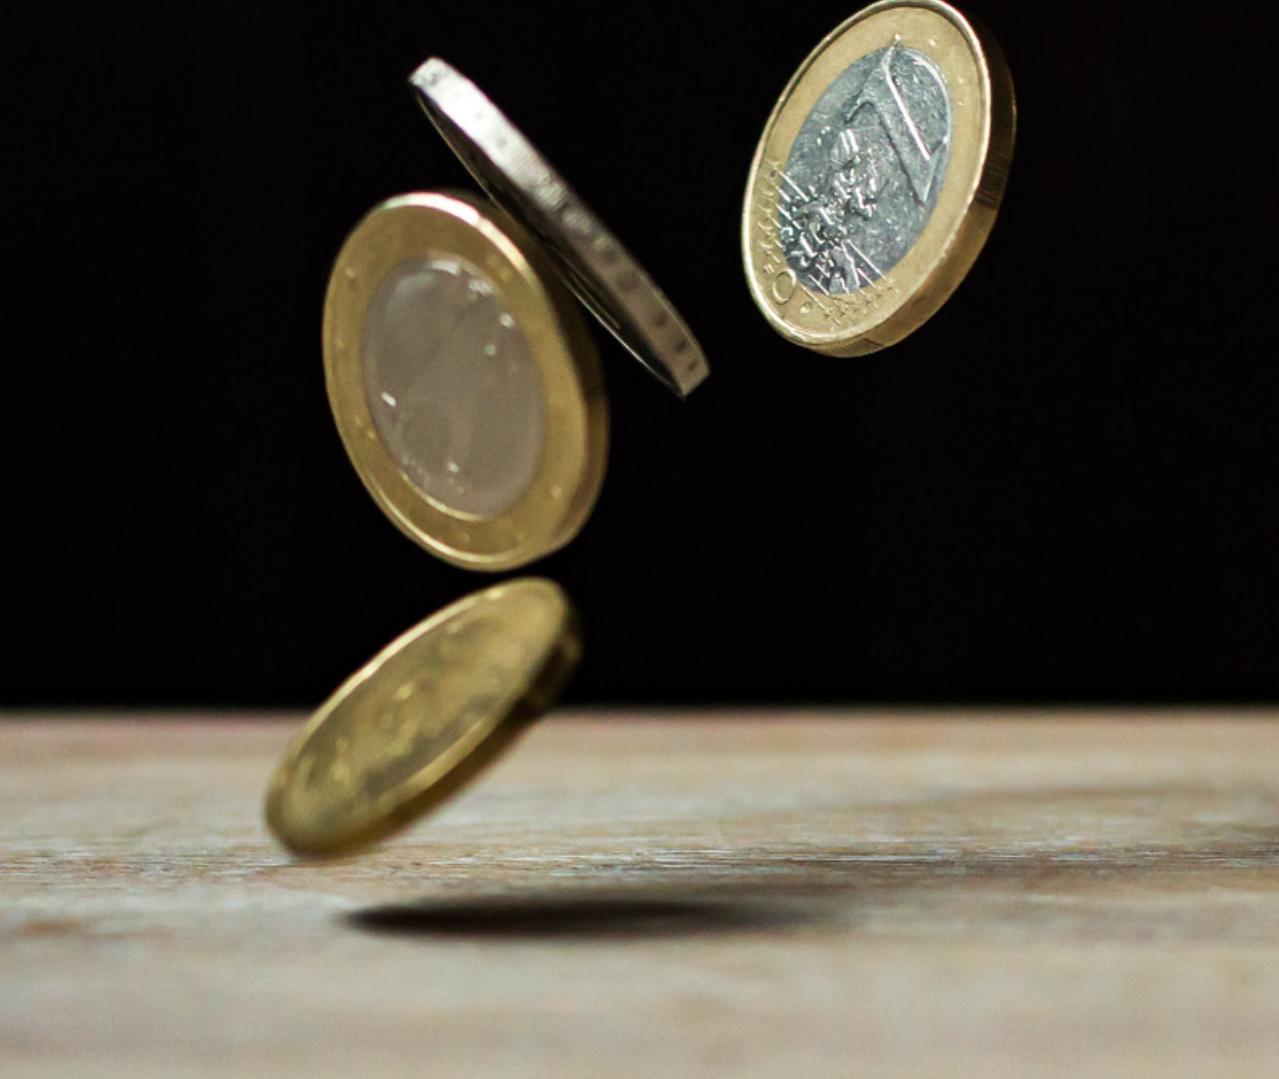 Postupak javne nabave za kredit – da li je obvezan?